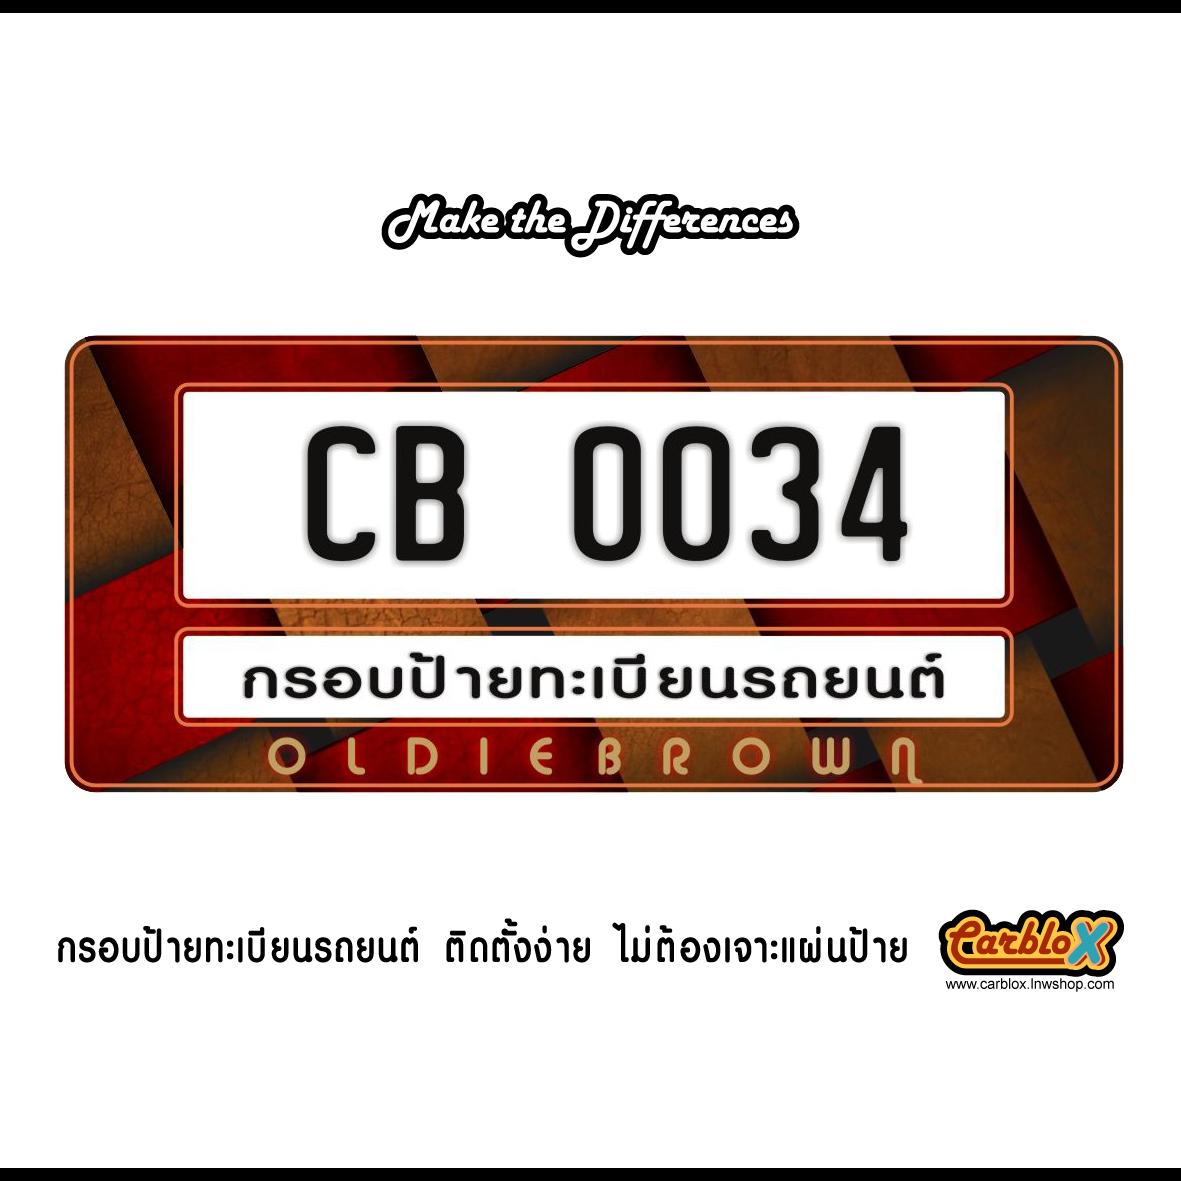 กรอบป้ายทะเบียนรถยนต์ CARBLOX ระหัส CB 0034 ลายวินเทจ VINTAGES.